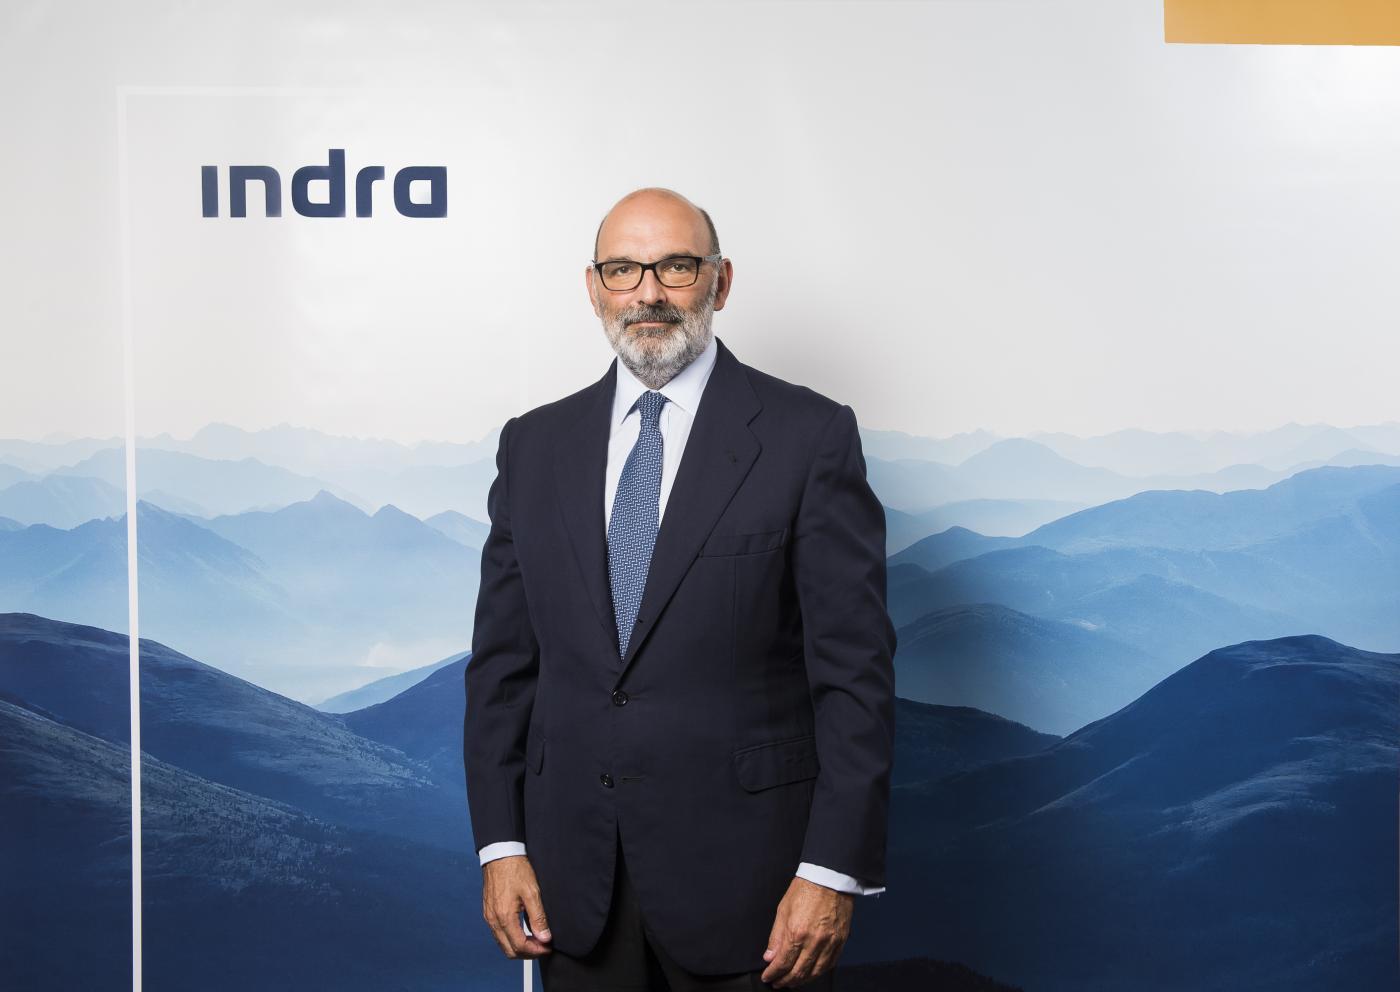 Fernando Abril Martorell (INDRA)